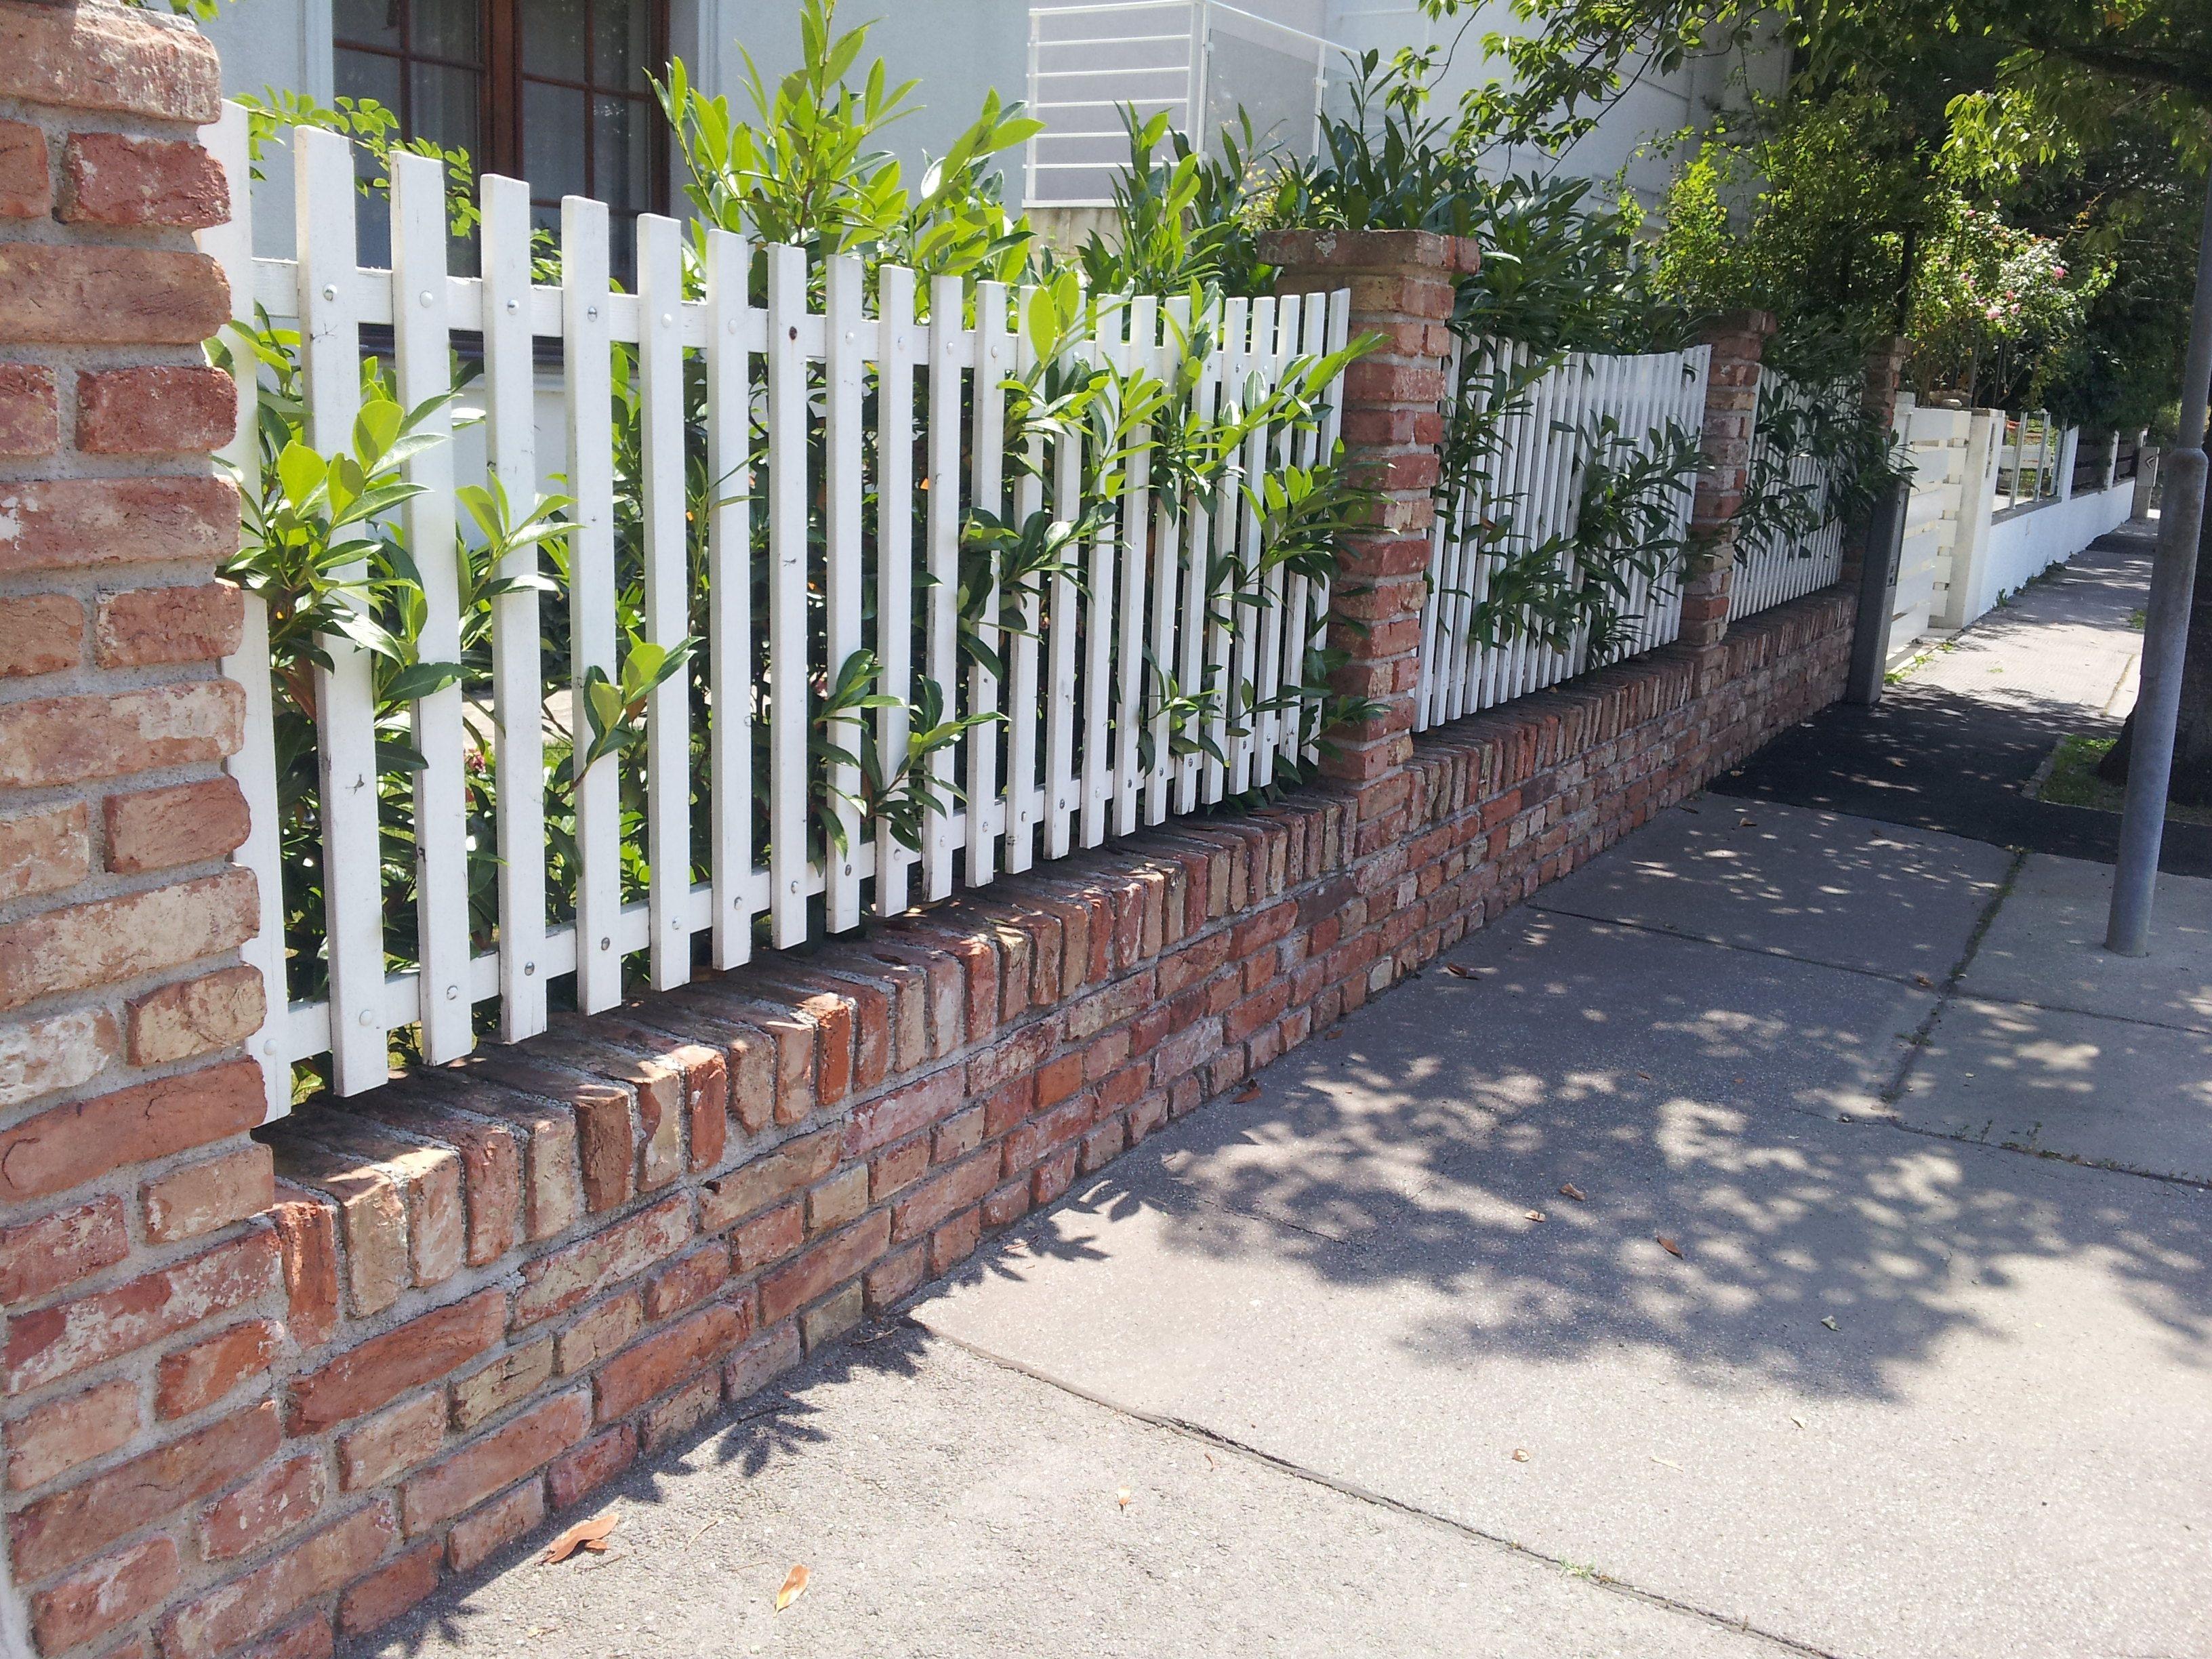 Sch ner holzzaun beautiful wooden fence zaun garten vorgarten zaun - Zaun vorgarten ...